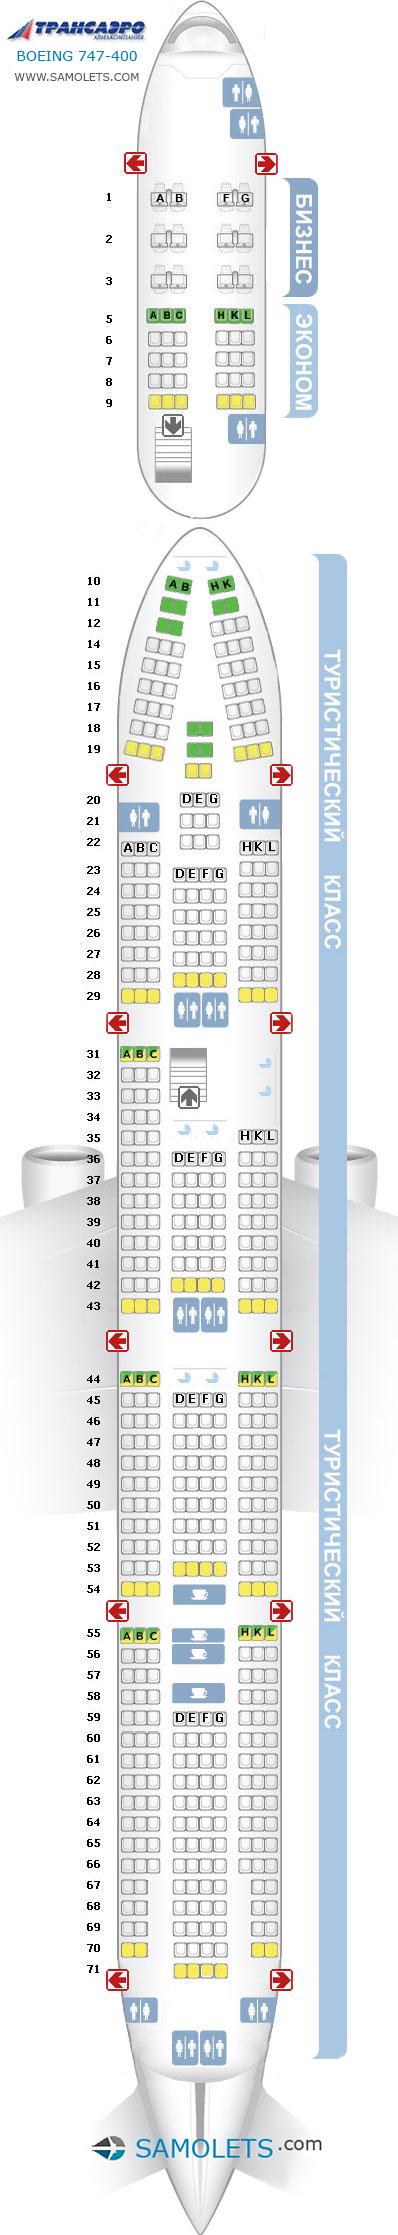 Схема салона Боинг 747-400 Трансаэро